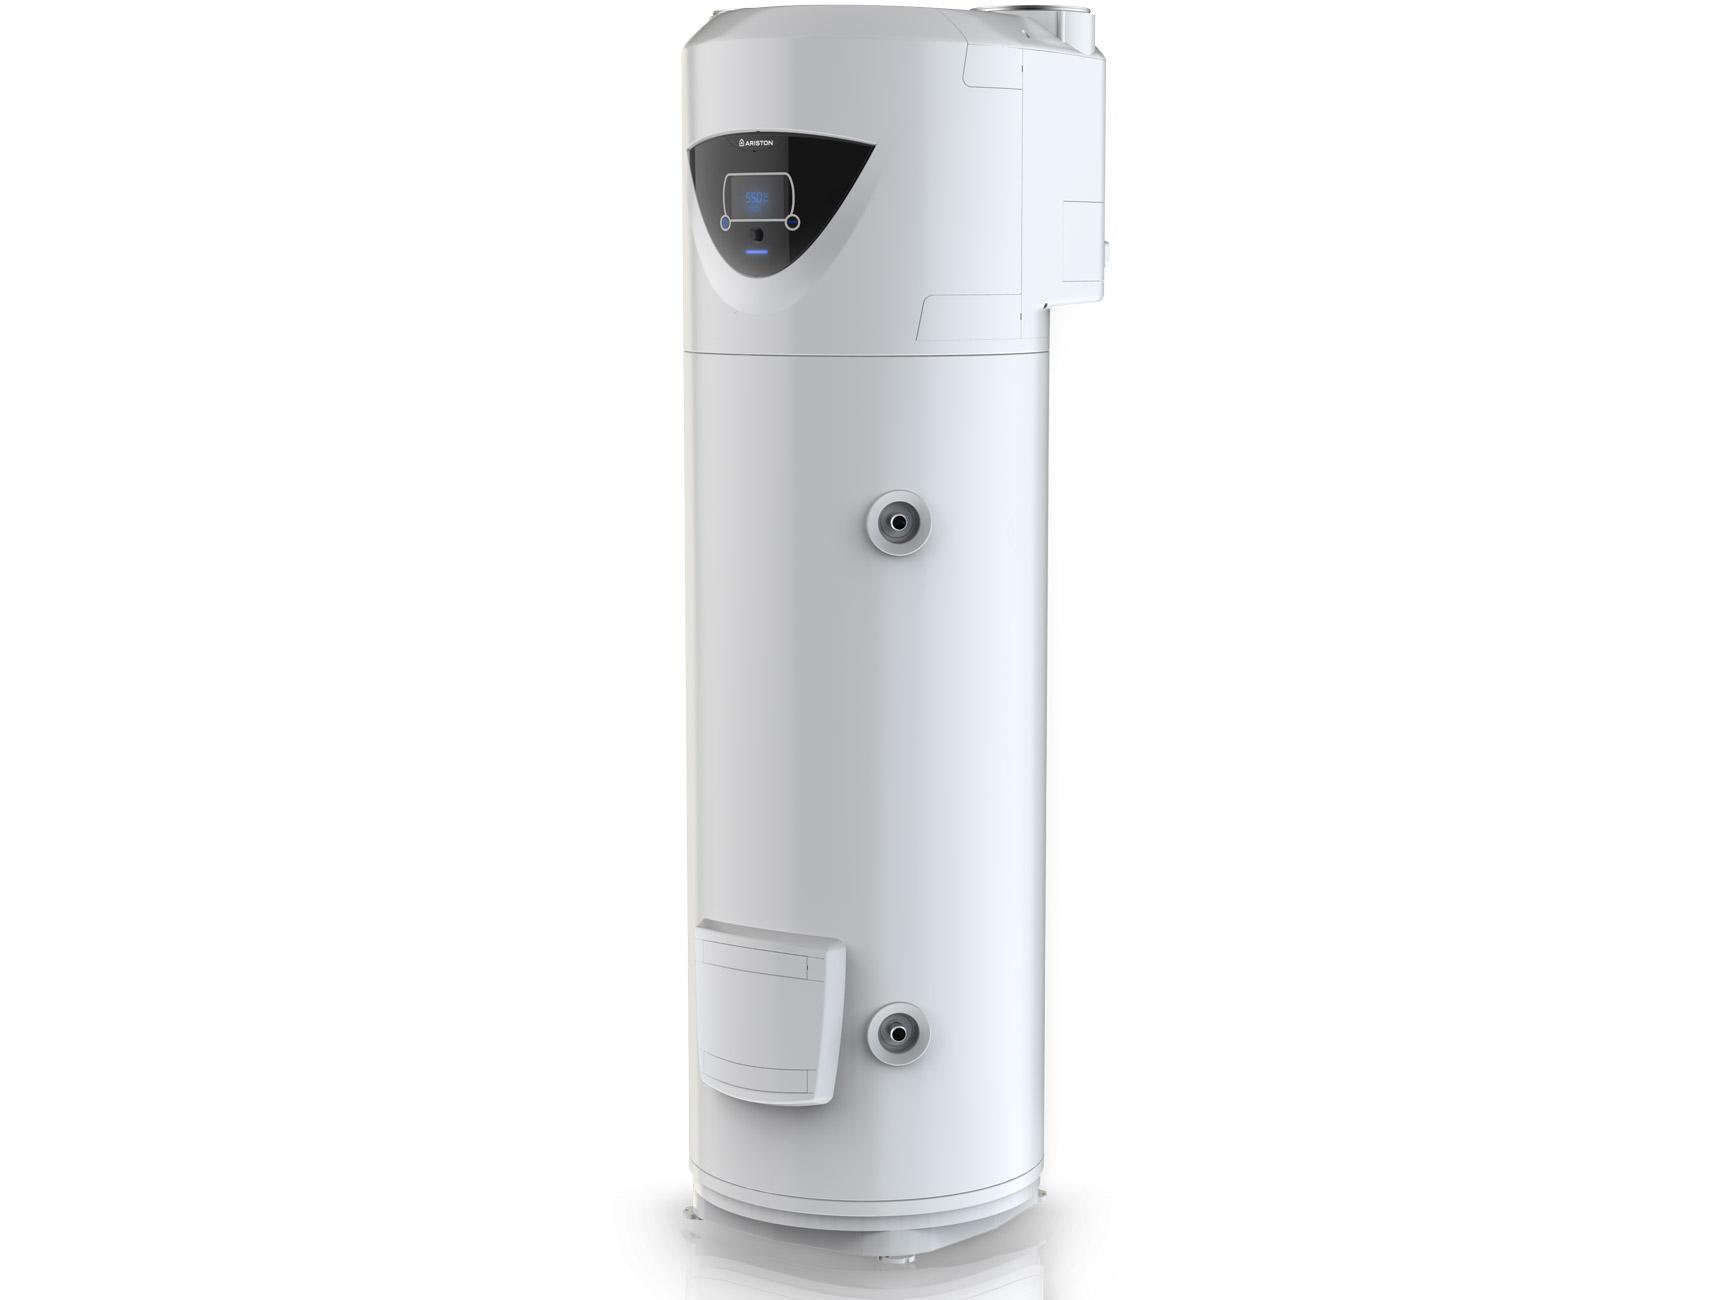 ARISTON NUOS PLUS 250 SYS ohřívač vody 3079054